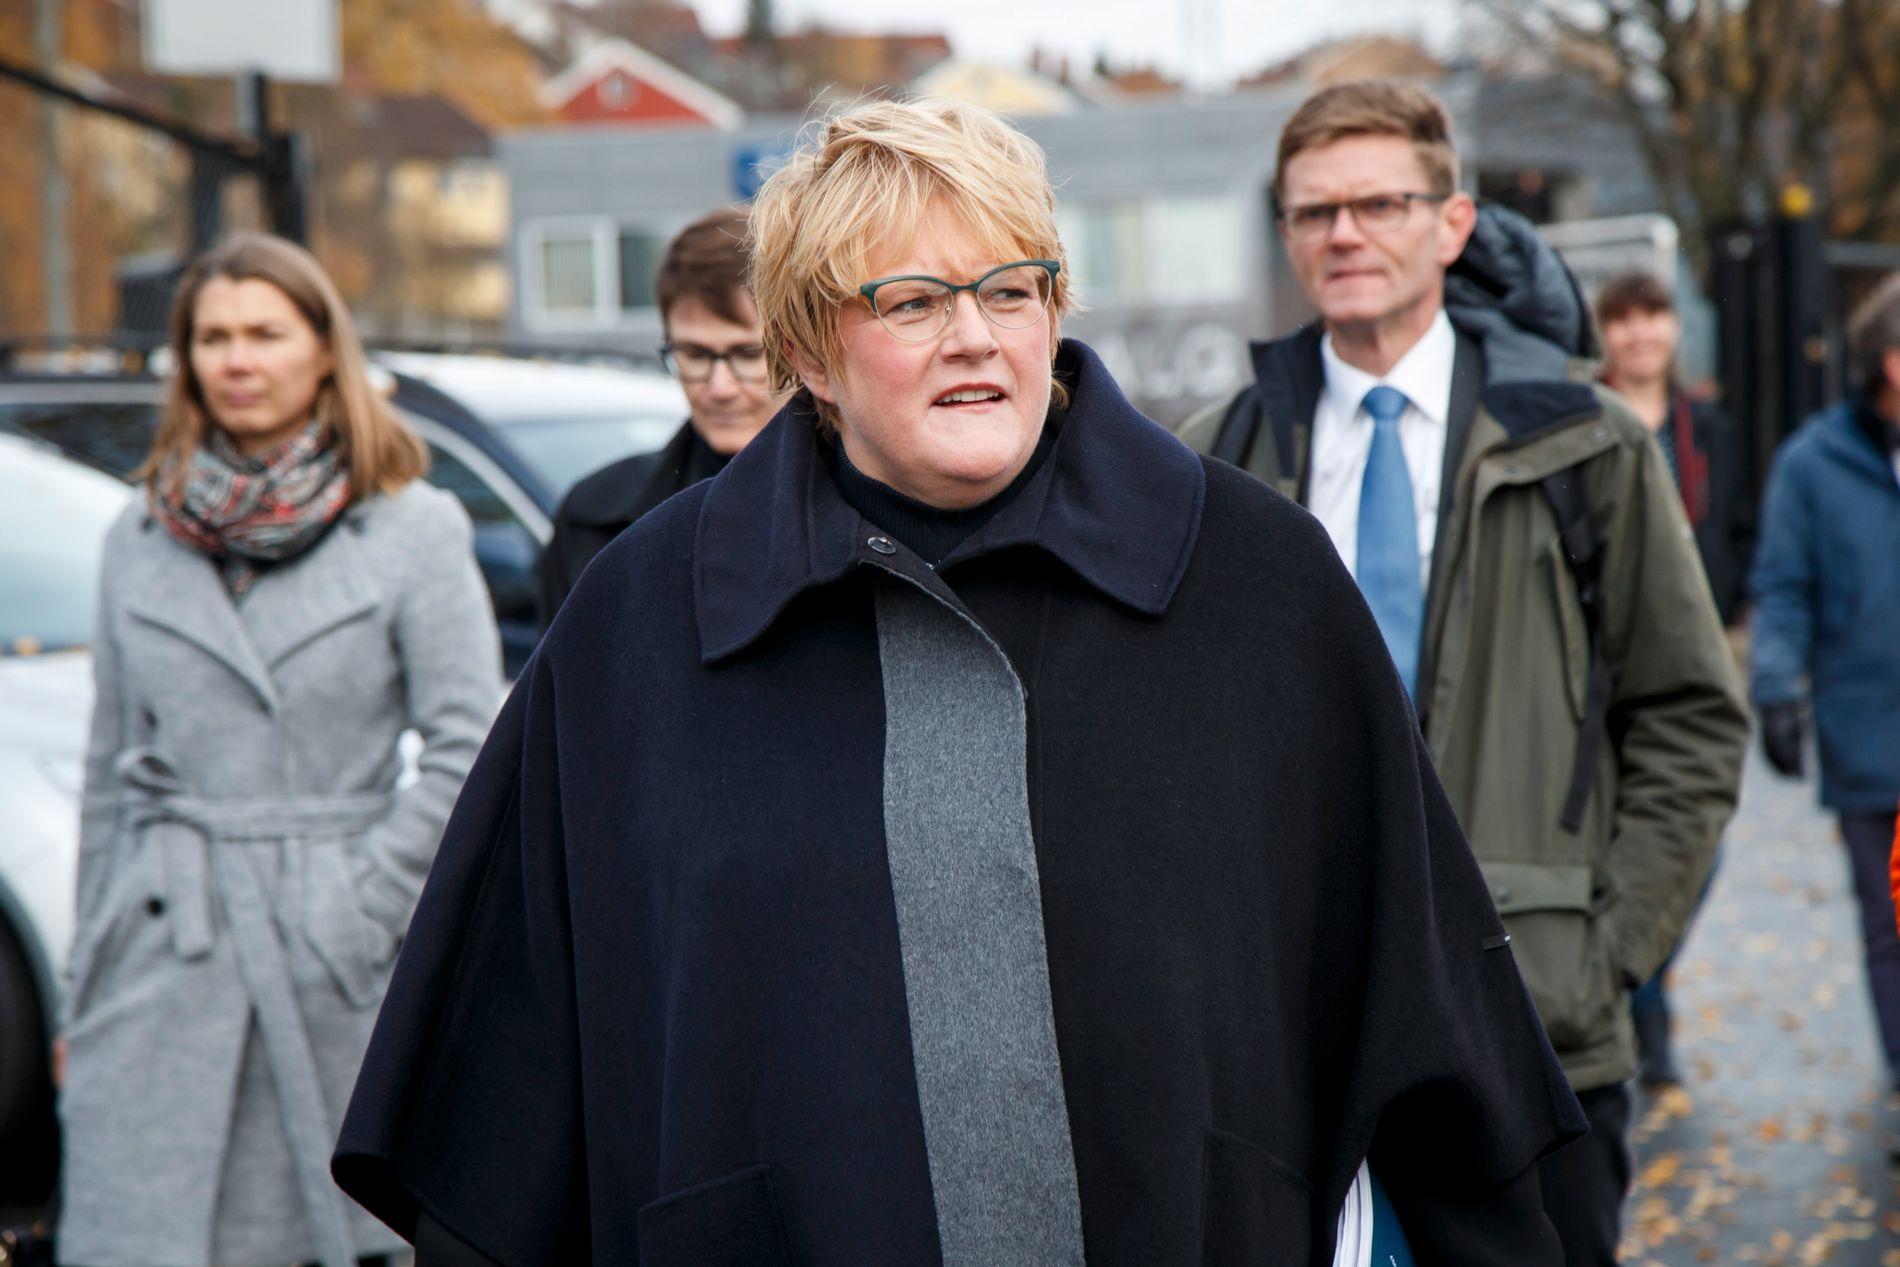 LA FREM SITT ALTERNATIV: Trine Skei Grande (tv) og Terje Breivik på vei til pressekonferanse om Venstres alternative budsjett for 2017.